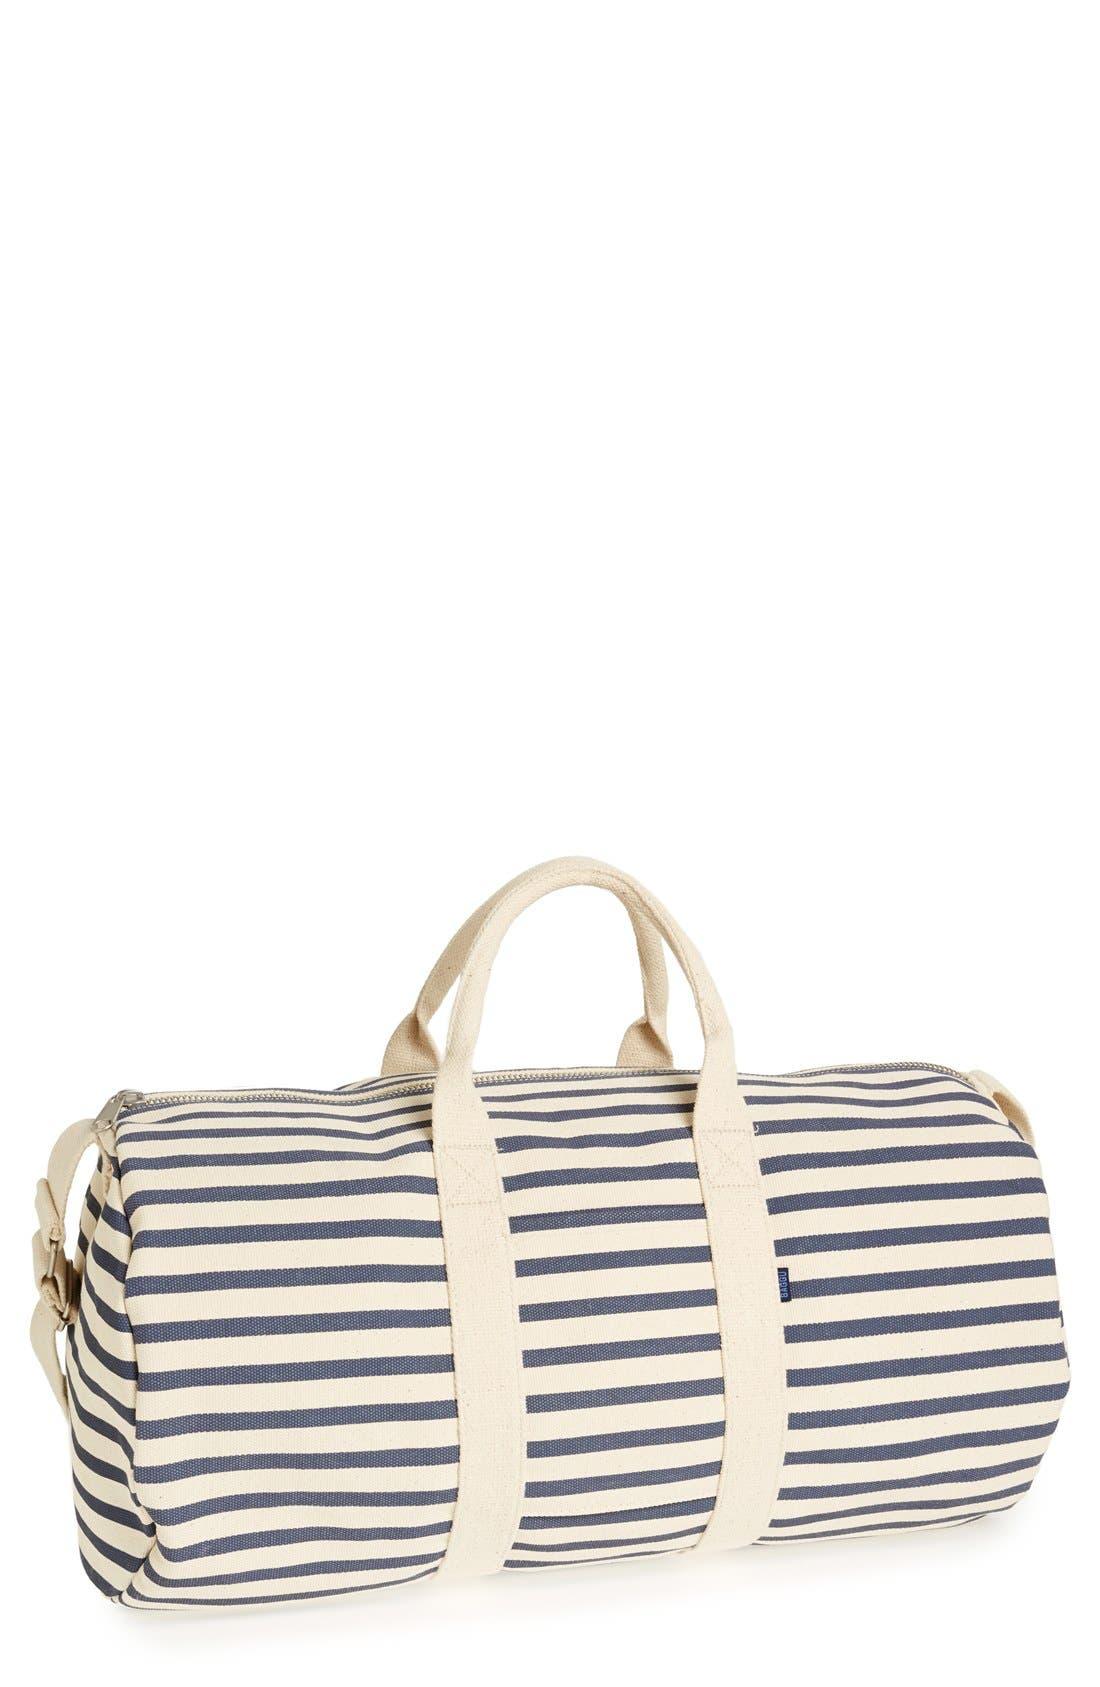 Alternate Image 1 Selected - Baggu® Canvas Duffel Bag (22 Inch)